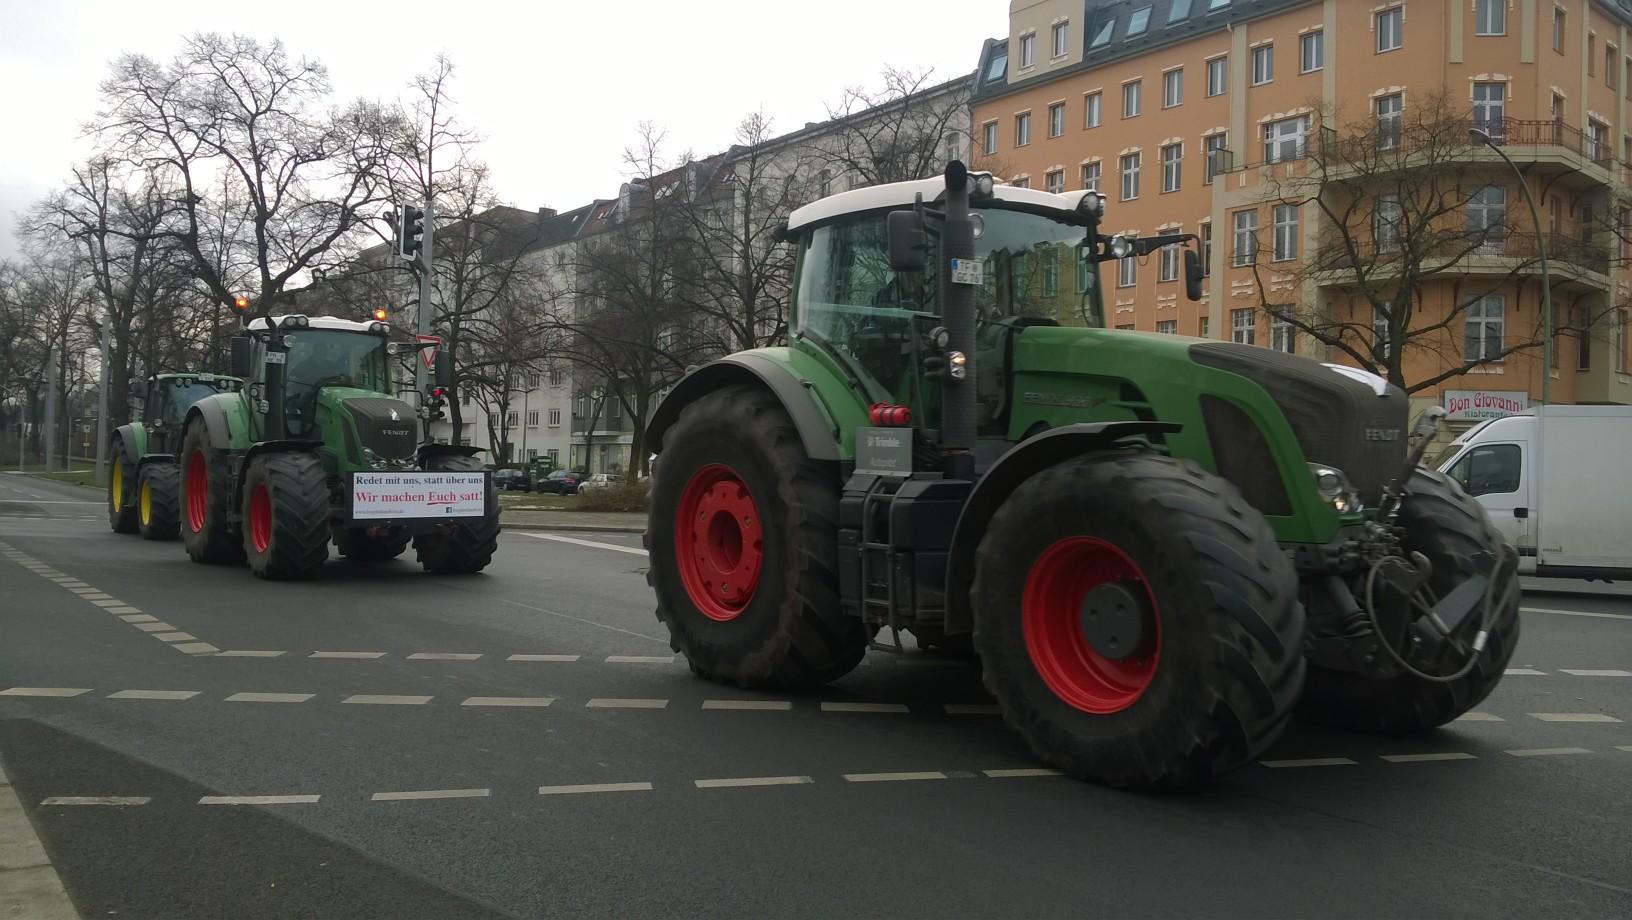 Tausende demonstrieren in Berlin gegen Agrar-Industrie